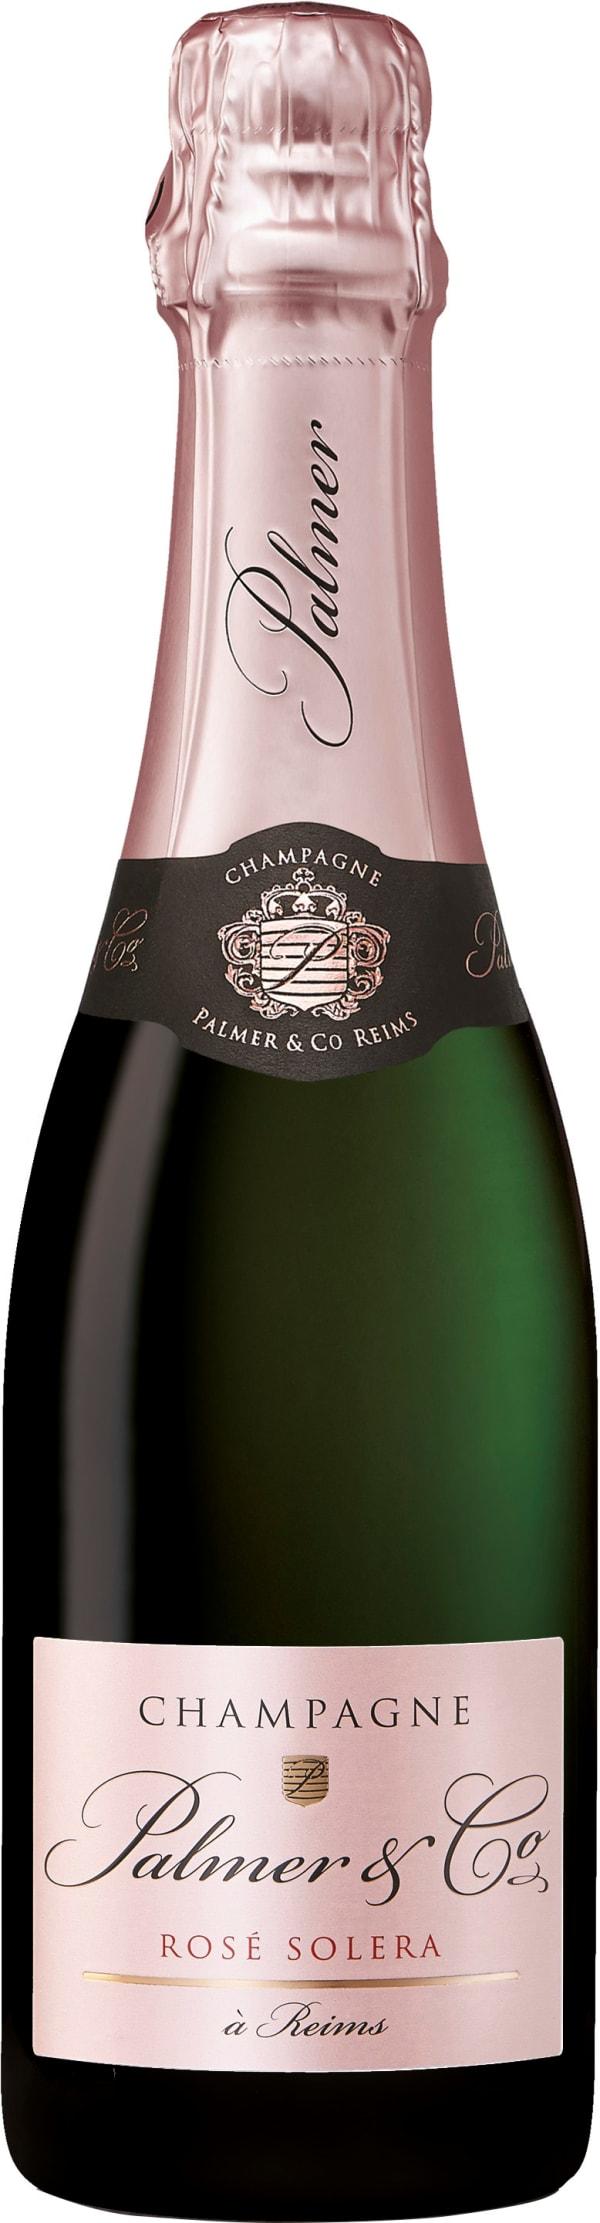 Palmer & Co Rosé Solera Champagne Brut